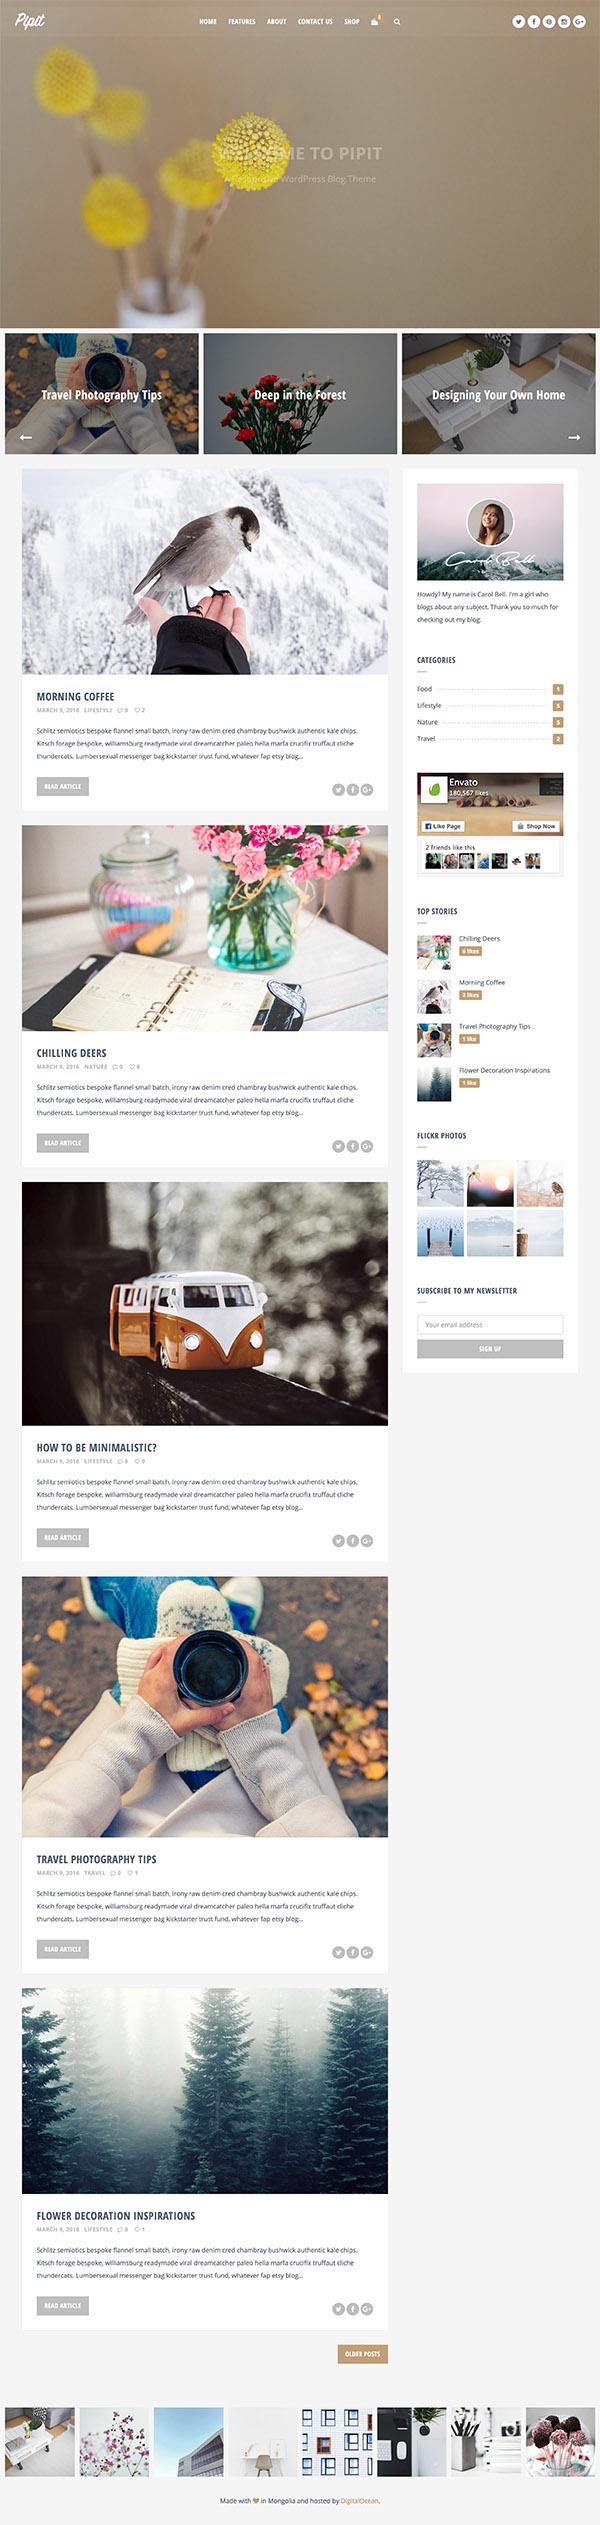 06 Pipit - A Responsive WordPress Blog Theme